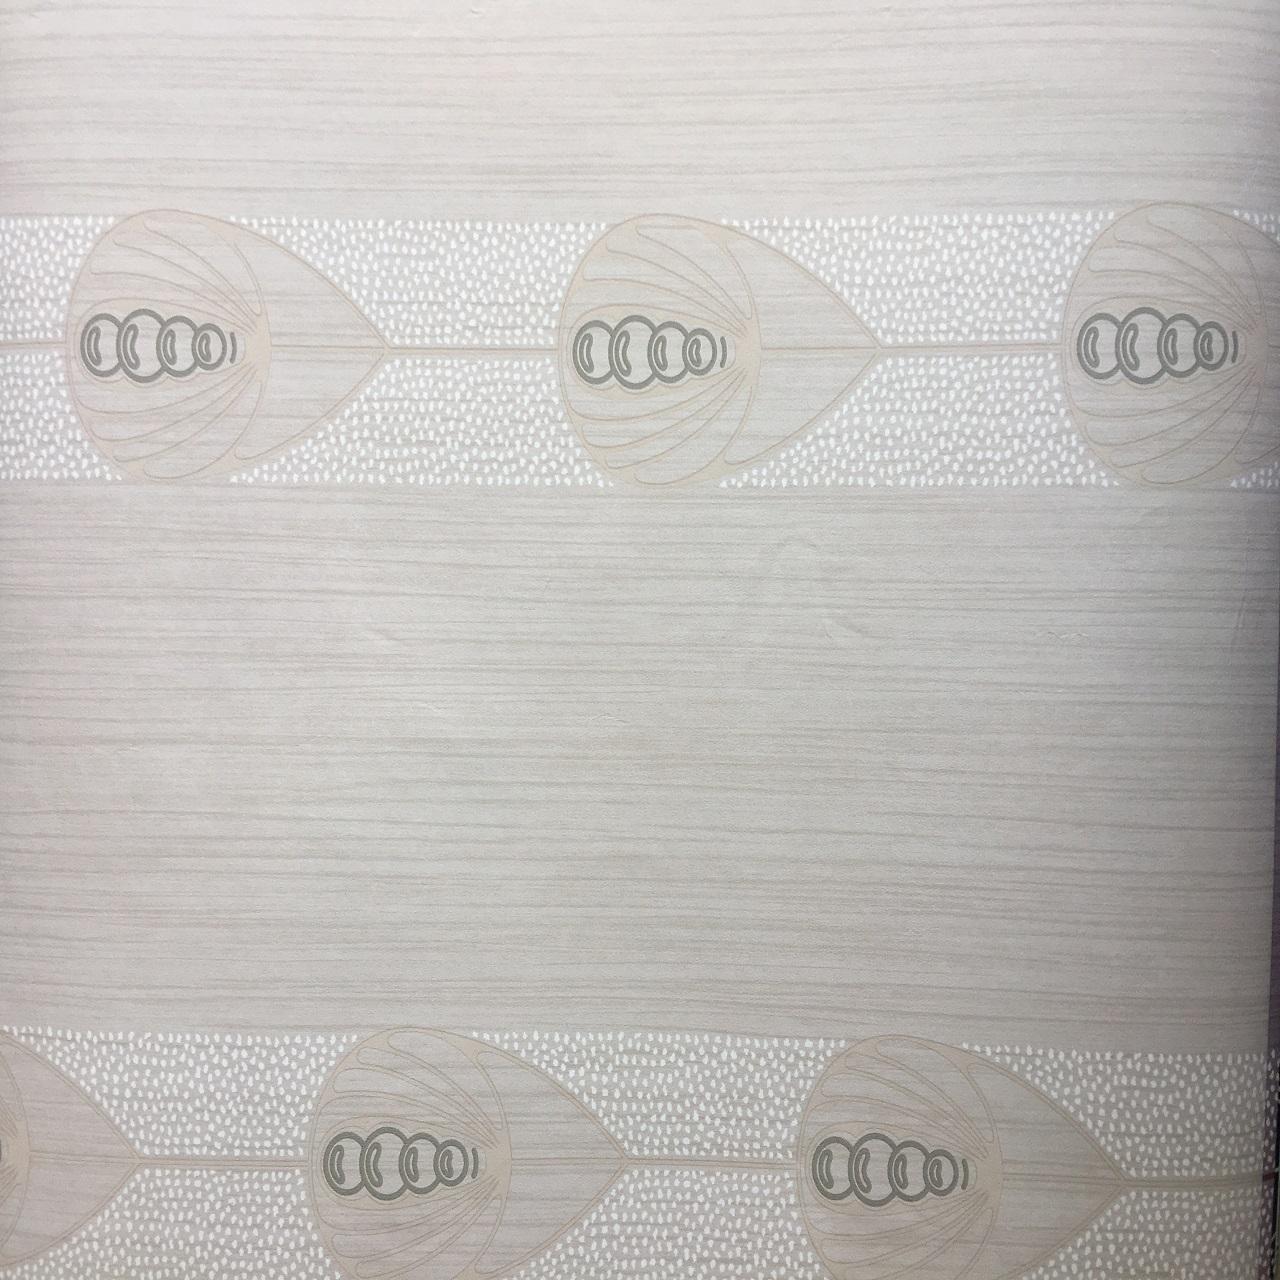 کاغذ دیواری های پرییون مدل ASA-40075